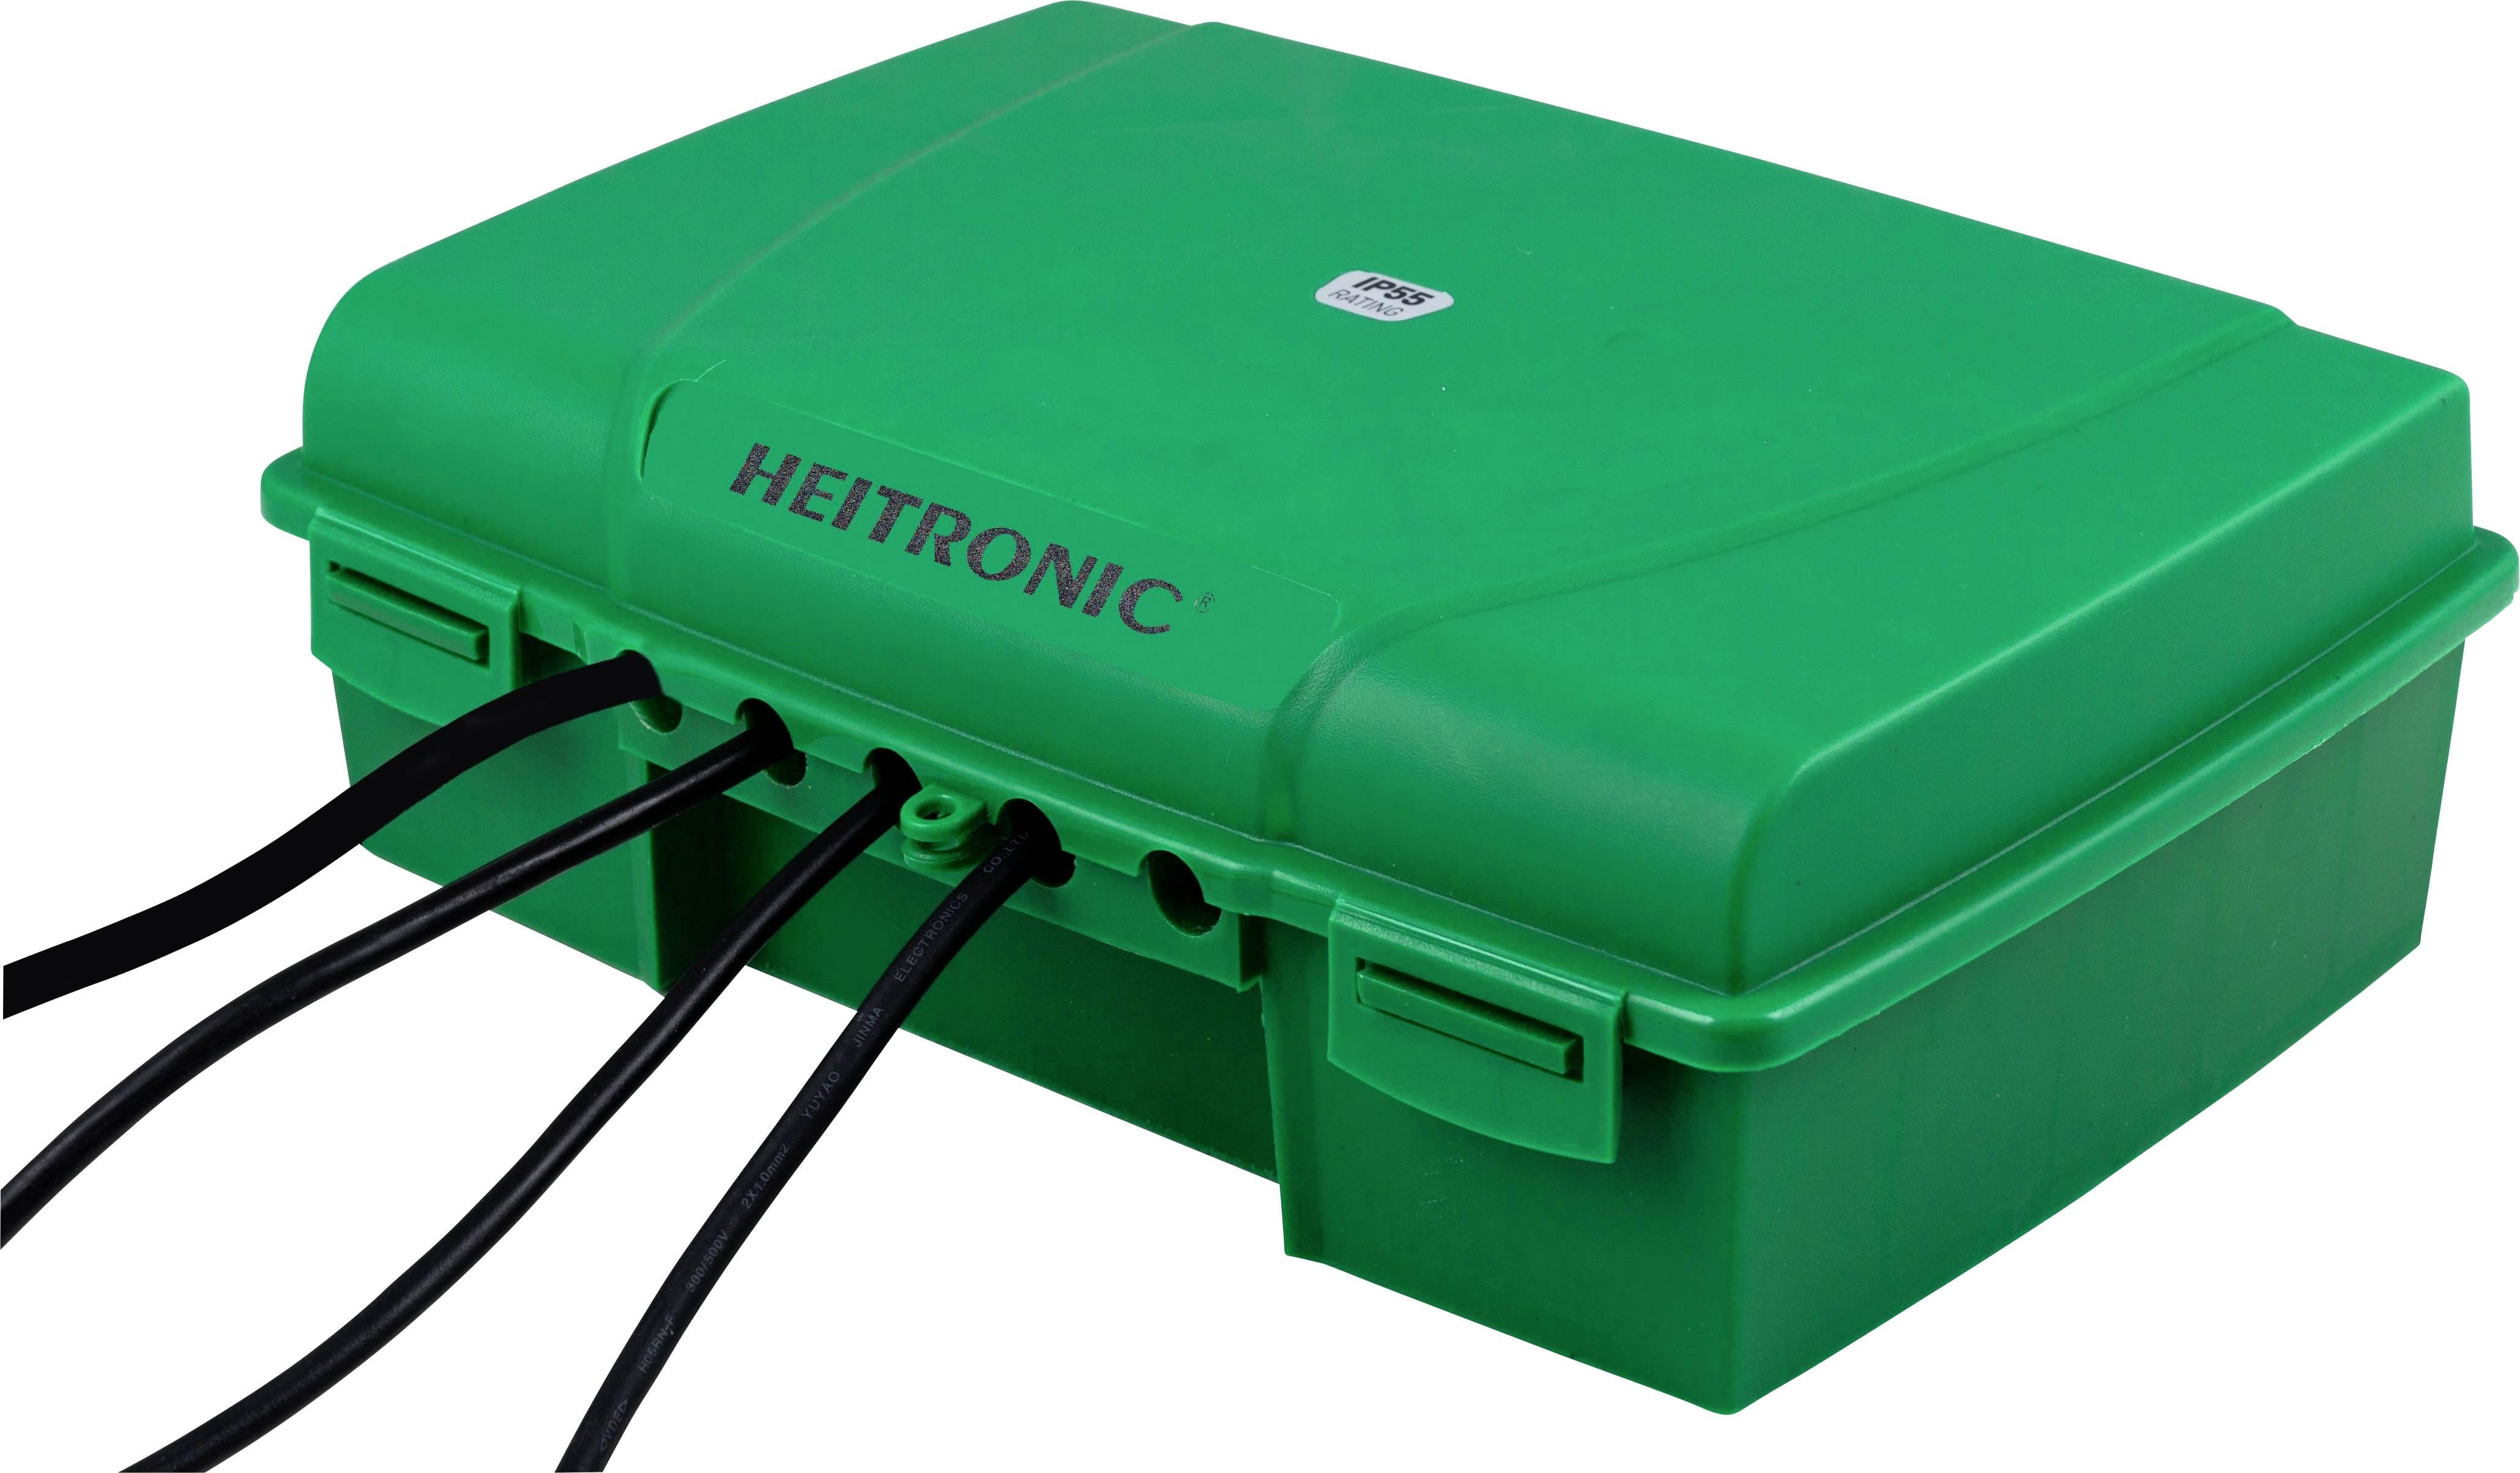 Rozváděč Heitronic Verteilerbox 21046, zelená